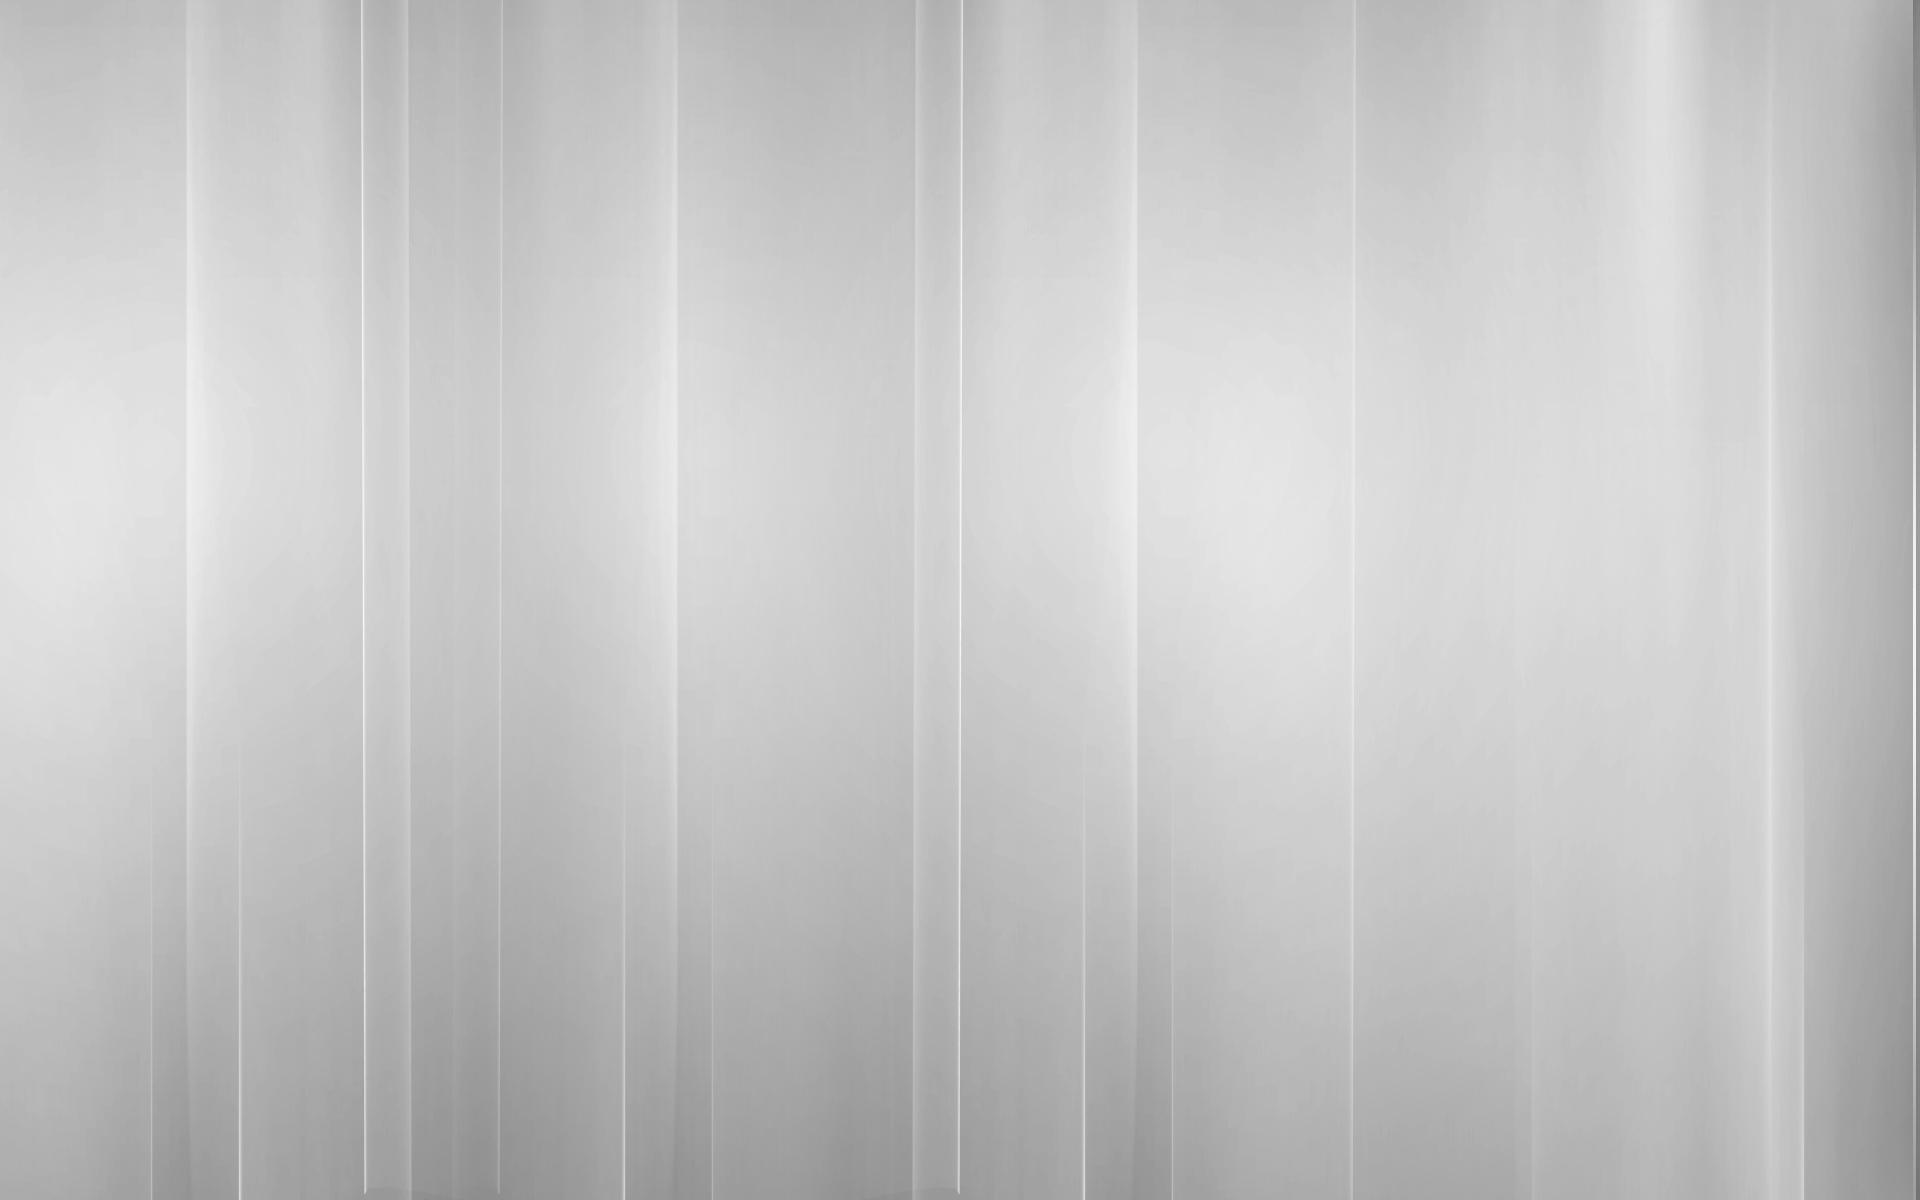 White Wallpaper Background in addition Keisha Grey 58439 further 203084264427805351 additionally Page 63 also Zwarte Achtergrond Met Gekleurde Abstracte Lijnen Hd Wallpaper. on grey hd wallpaper